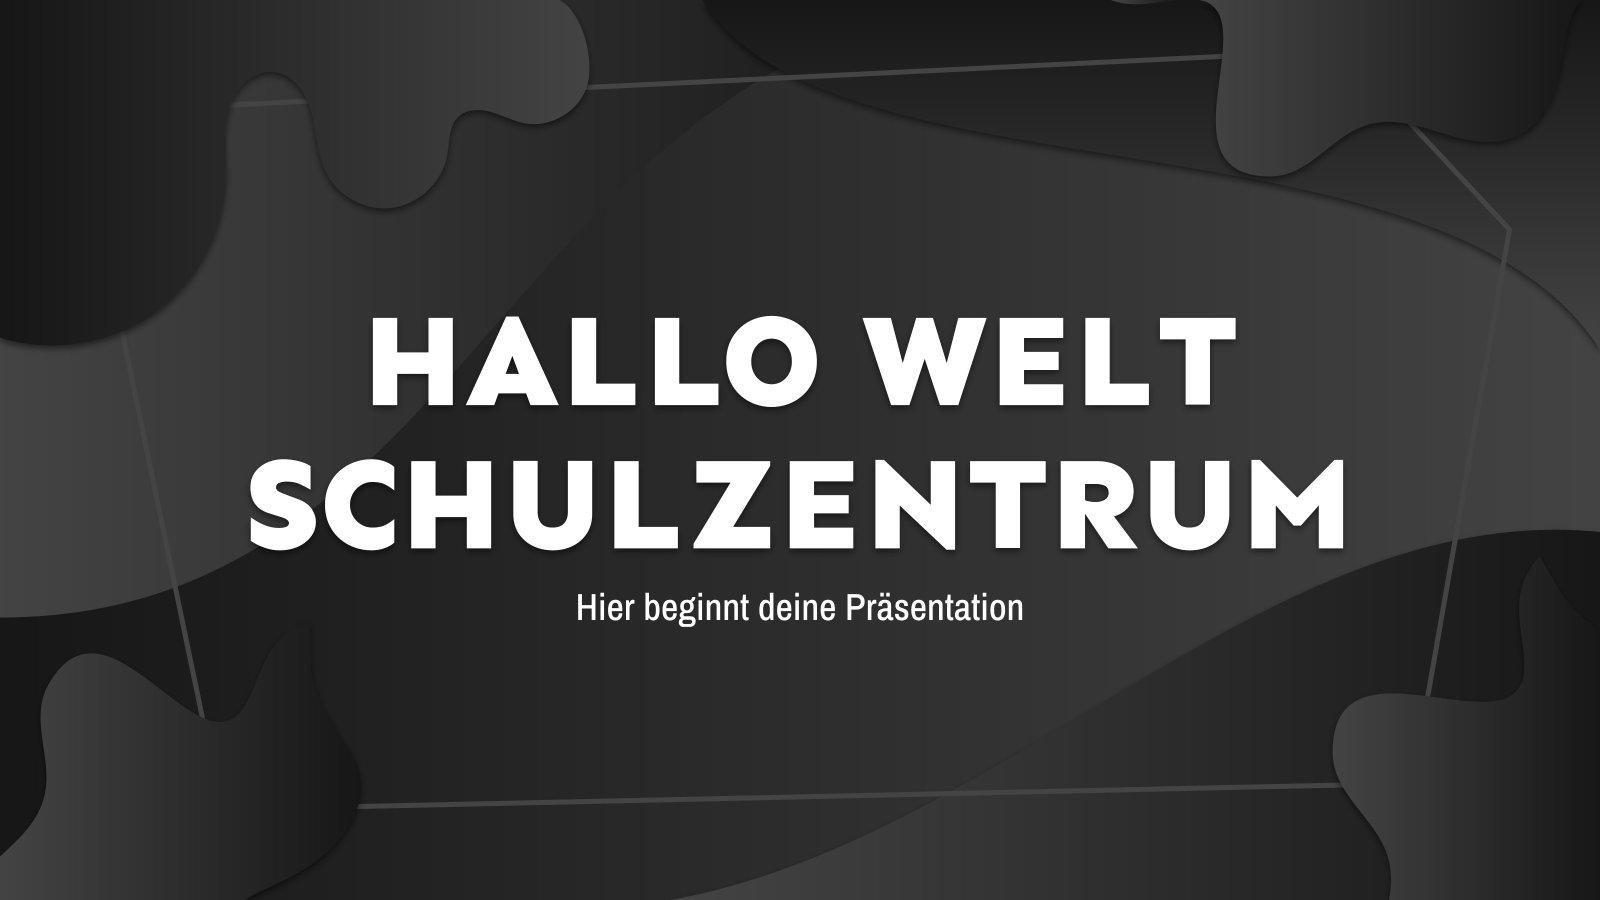 Hallo Welt - Schulzentrum Präsentationsvorlage